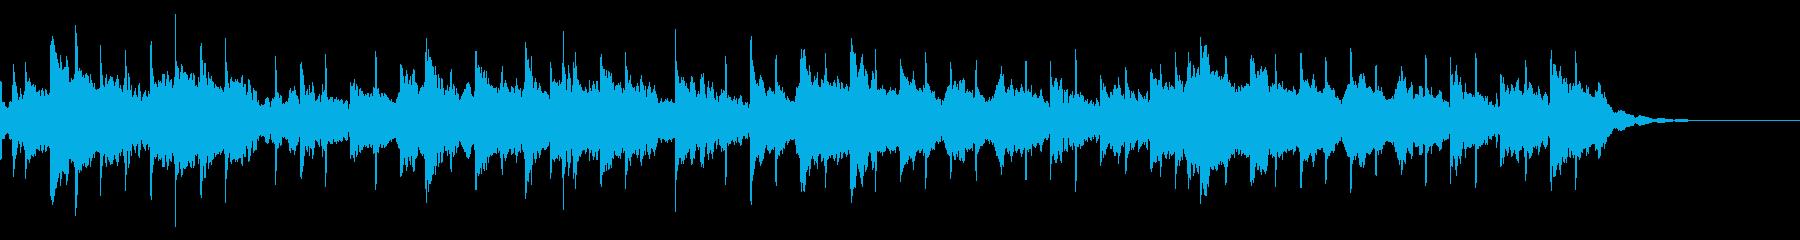 大正琴、日本の伝統雰囲気、映像、CM等。の再生済みの波形